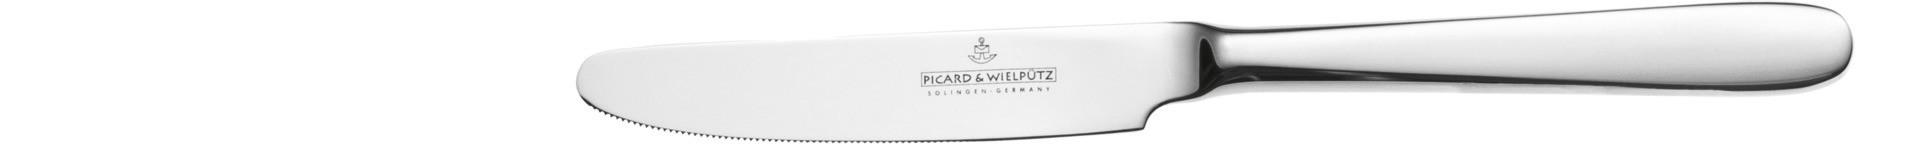 Ticino, Dessertmesser Stahlheft 204 mm ganz poliert